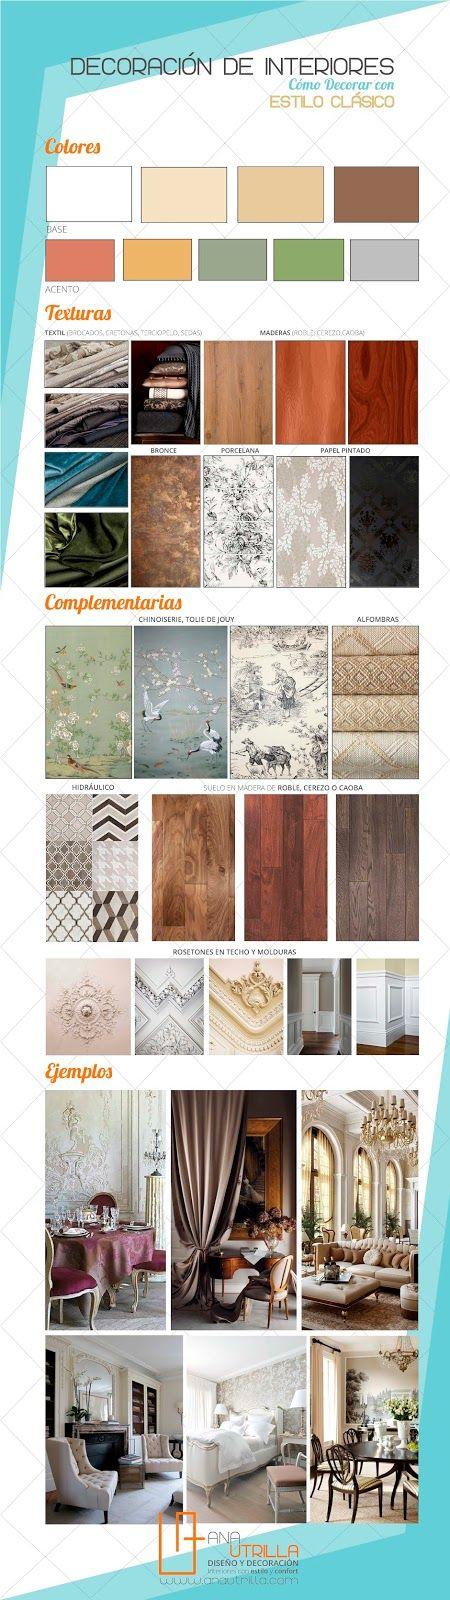 #Infografía de #Cómodecorar tu casa con estilo #clásico por Ana Utrilla, #decoracióninterior consejos y #tips www.anautrilla.com info@anautrilla.com